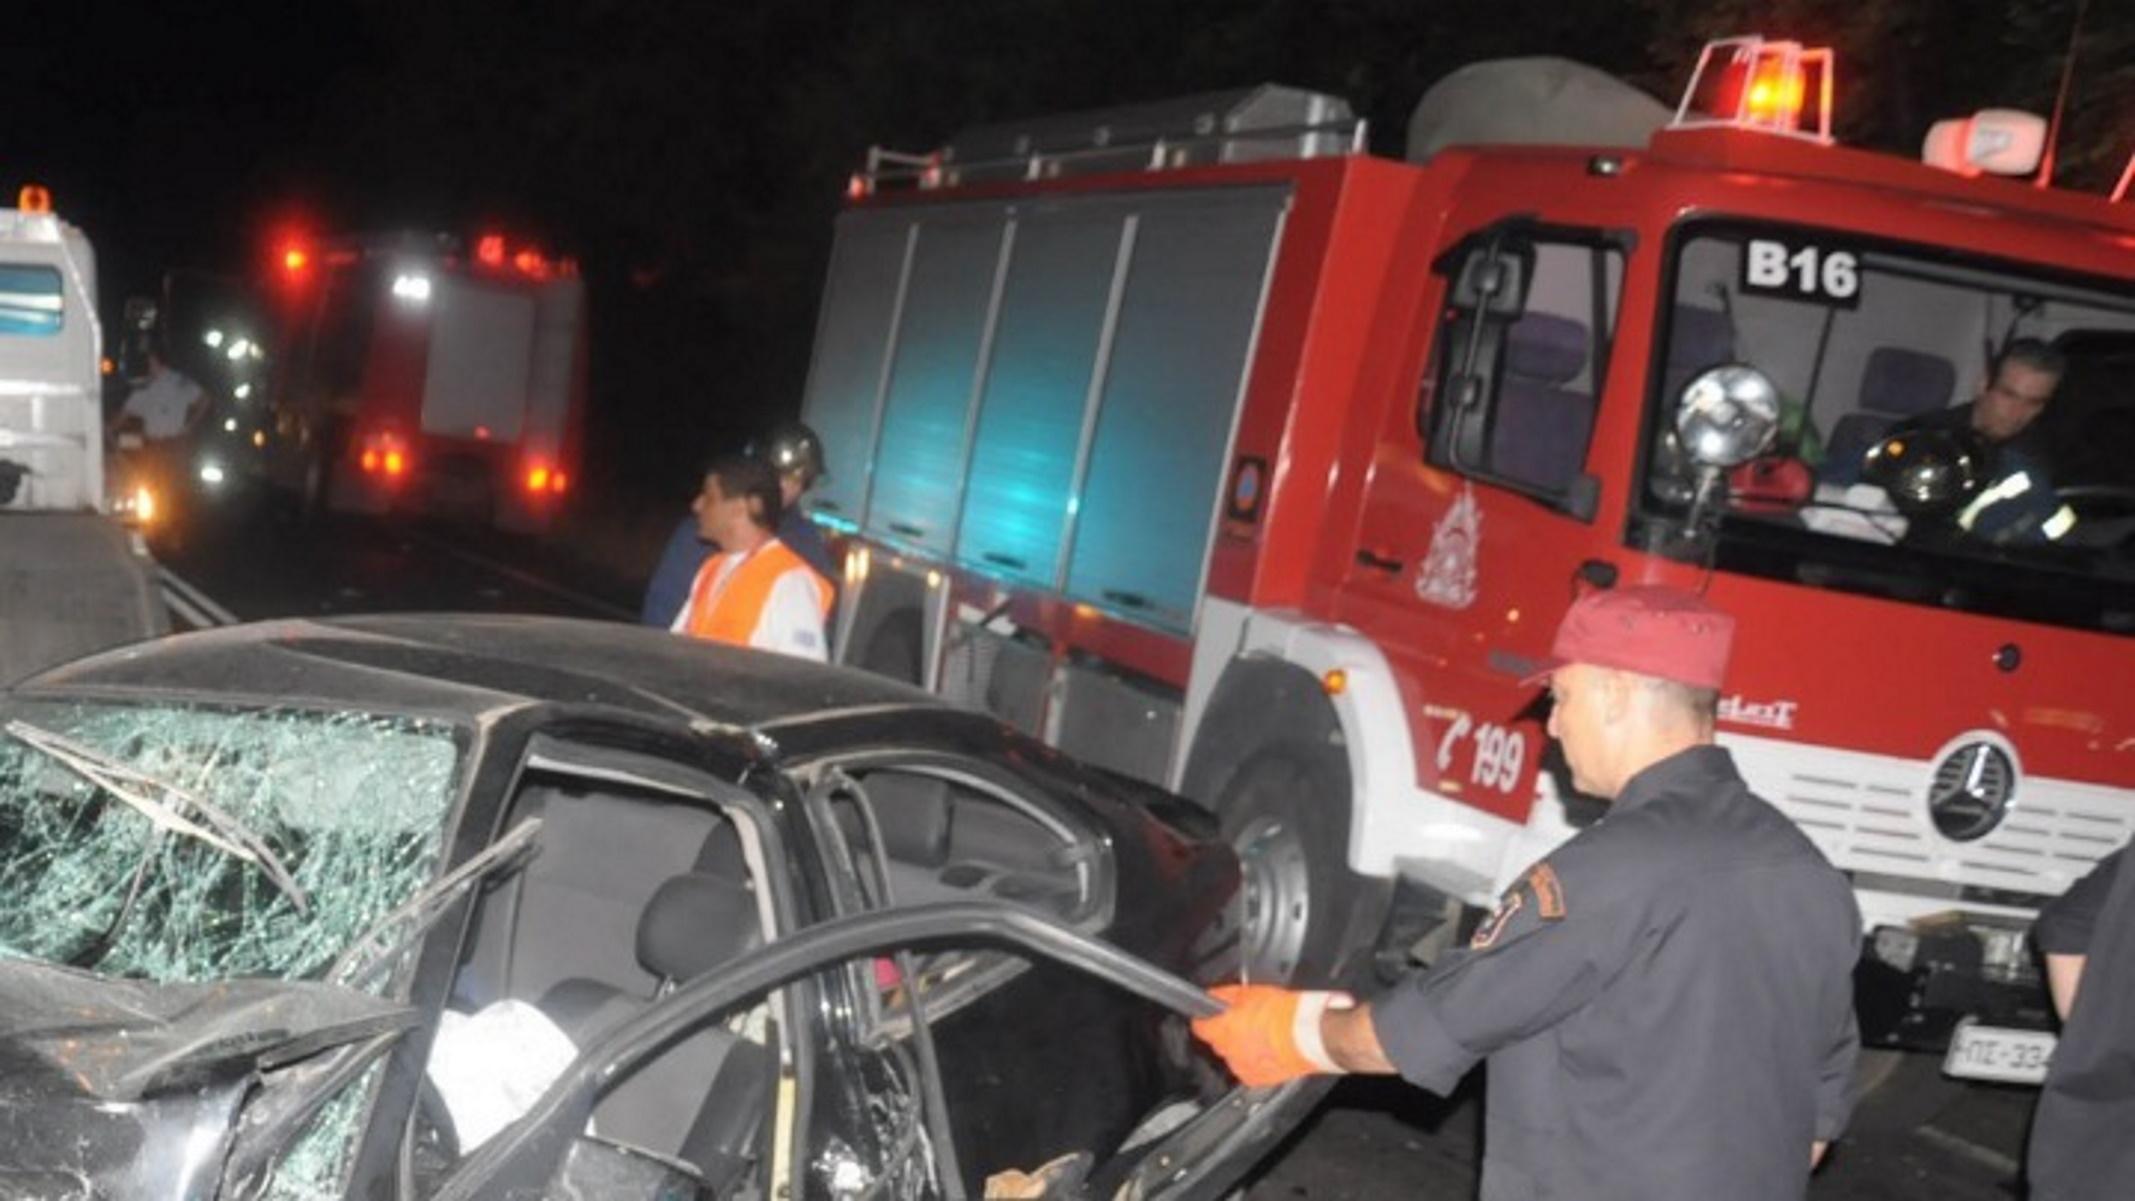 Κρήτη: Λιγότεροι από τους μισούς οδηγούς φοράνε ζώνη ασφαλείας – Σοκαριστικά στοιχεία